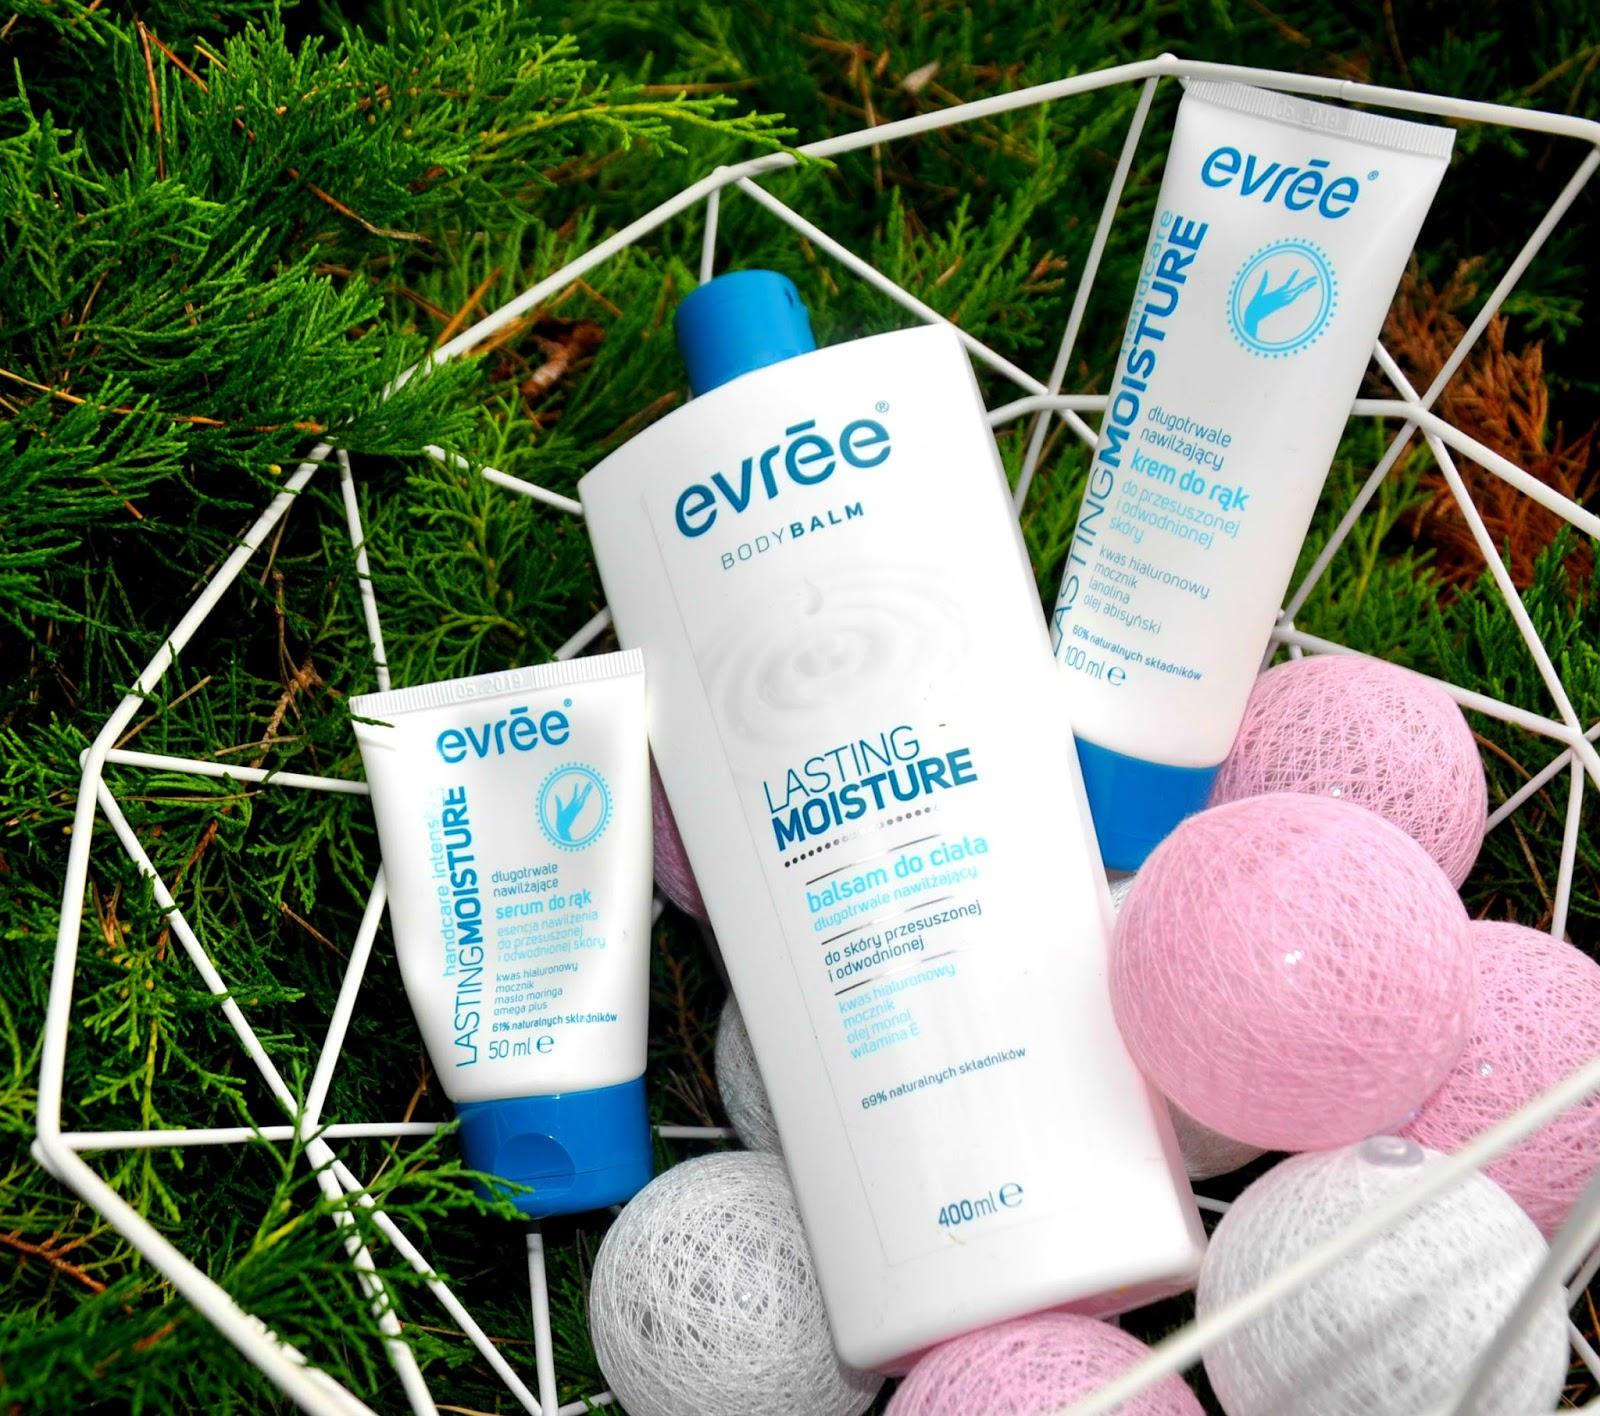 LASTING MOISTURE - tak nazywa się seria kosmetyków przeznaczonej do pielęgnacji przesuszonej i odwodnionej skóry. Zadaniem produktów jest intensywne nawilżenie, odżywienie i  i ochrona przed czynnikami zewnętrznymi. Dziś zapraszam Was na recenzję długotrwale nawilżającego balsamu do ciała, serum i kremu do ust marki Evree z serii Lasting Moisture. Balsam został zamknięty w dużym, białym opakowaniu o pojemności 400 ml. Nie sprawia problemów z wydobyciem kosmetyku do samego końca. Posiada solidne zamknięcie na klik dzięki któremu mam pewność że kosmetyk nie wyleje się z opakowania. Ma dość gęstą, dość treściwą konsystencję, która idealnie wchłania się w przesuszoną skórę.  Pozostawia na skórze warstewkę, ale nie jest to w żadnym wypadku tłusta i lepiąca powłoczka, raczej bariera ochronna o działaniu kojącym. Balsam doskonale nawilża, skóra już po pierwszym użyciu staje się elastyczna, miękka i dobrze nawilżona. Niweluje uczucie szorstkości i koi skórę.  Działa regenerująco, ułatwia gojenie i odnowę uszkodzonego naskórka. Wykazuje wyjątkowo silne właściwości łagodzące, nawilżające i zmiękczające skórę. Od momentu gdy zaczęłam używać to balsam zapomniałam już co to znaczy mieć przesuszone łokcie i kolana. Już po pierwszym użyciu zauważyłam dobroczynny wpływ tego produktu na moją skórę. Balsam swoją skuteczność zawdzięcza zawartości cennych składników aktywnych: m.in. 5 olejków, 3 witaminy, masło shea, gliceryna, naturalne woski roślinne Ma zbawienne działanie na skórę, zapewnia jej piękny wygląd, przywraca naturalną elastyczność, gładkość i miękkość Kosmetyk ma przyjemny lekko słodkawy zapach który utrzymuje się przez chwilę na skórze. Jest bardzo wydajny - wystarczy naprawdę niewielka ilość aby go doskonale rozprowadzić.